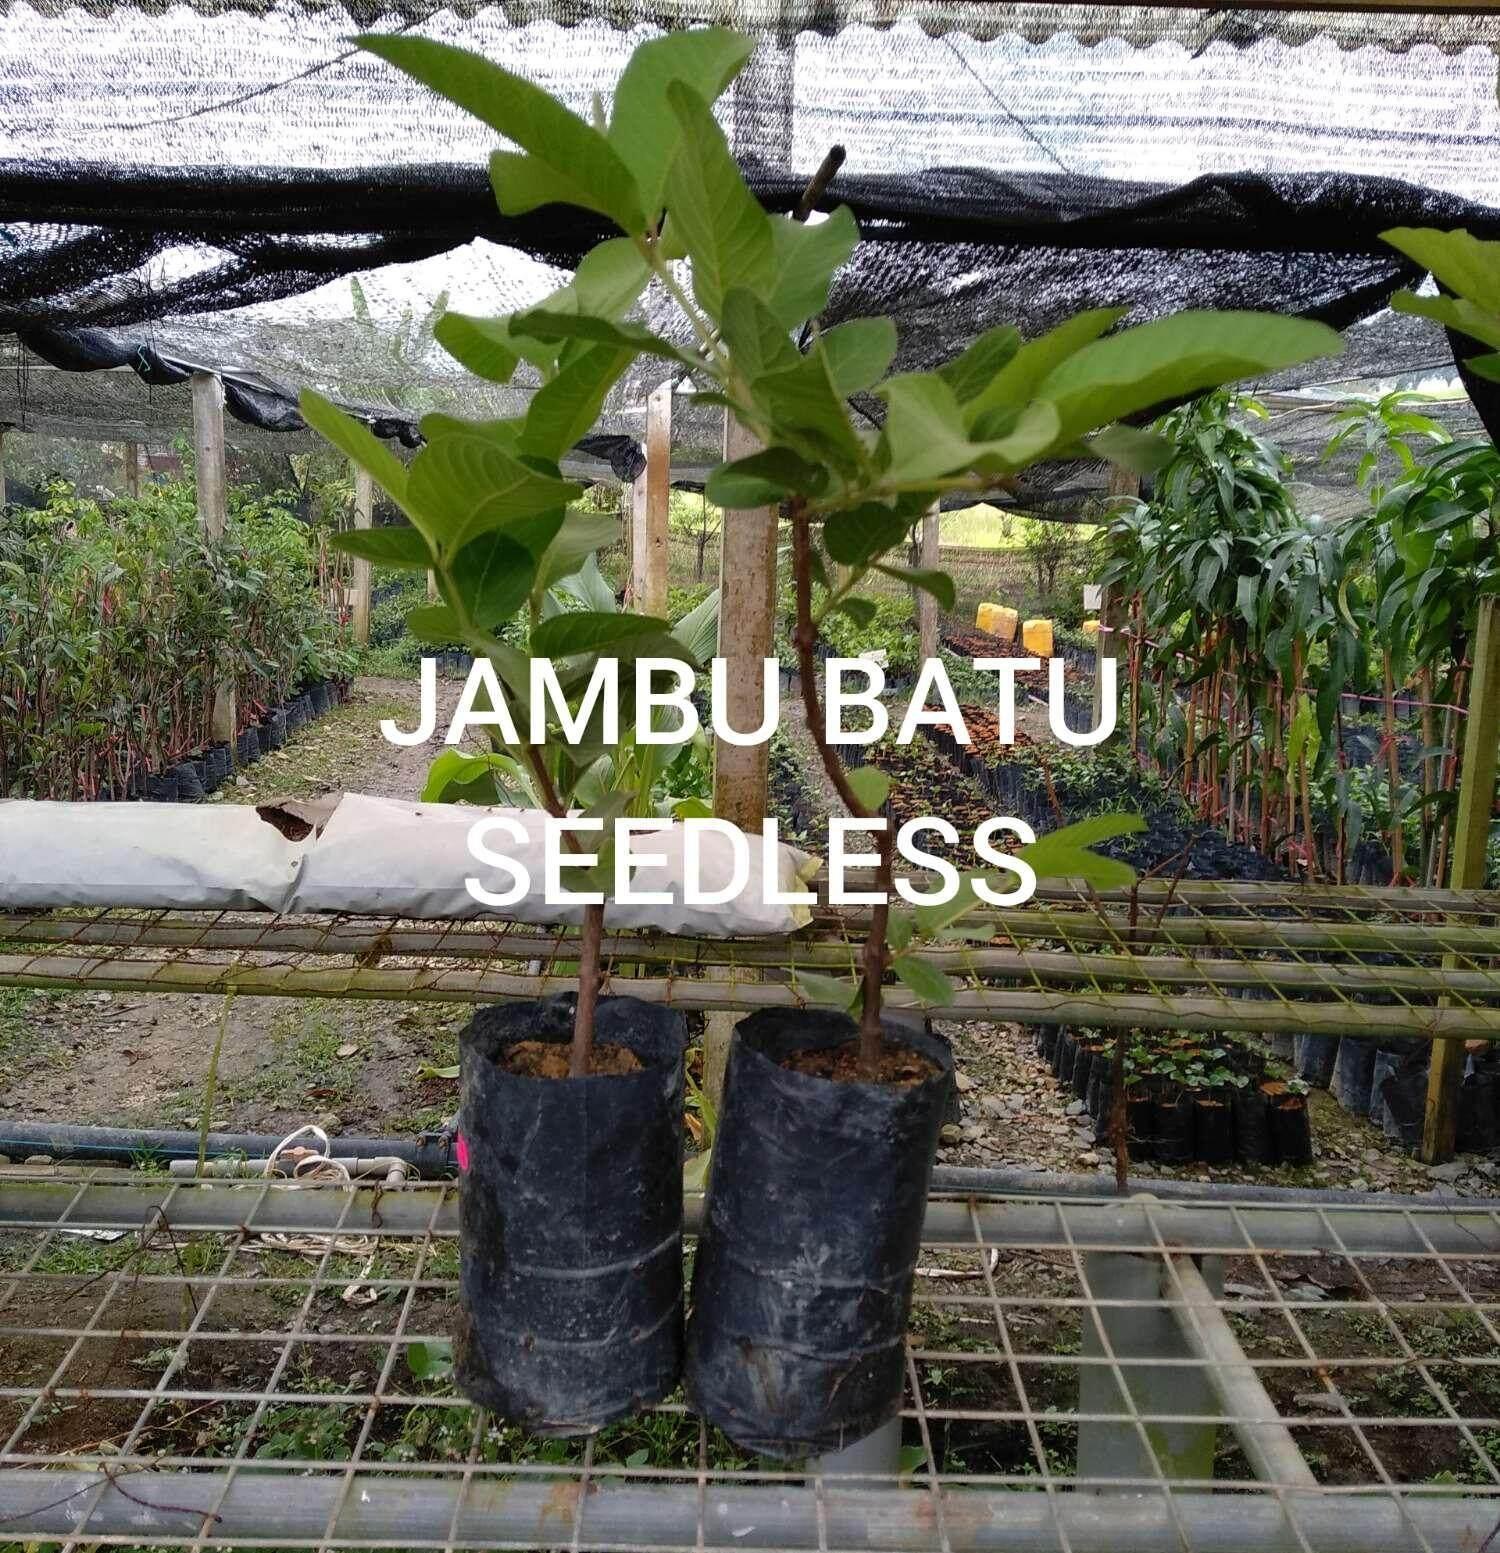 POKOK JAMBU BATU SEEDLESS (TIADA BIJI)